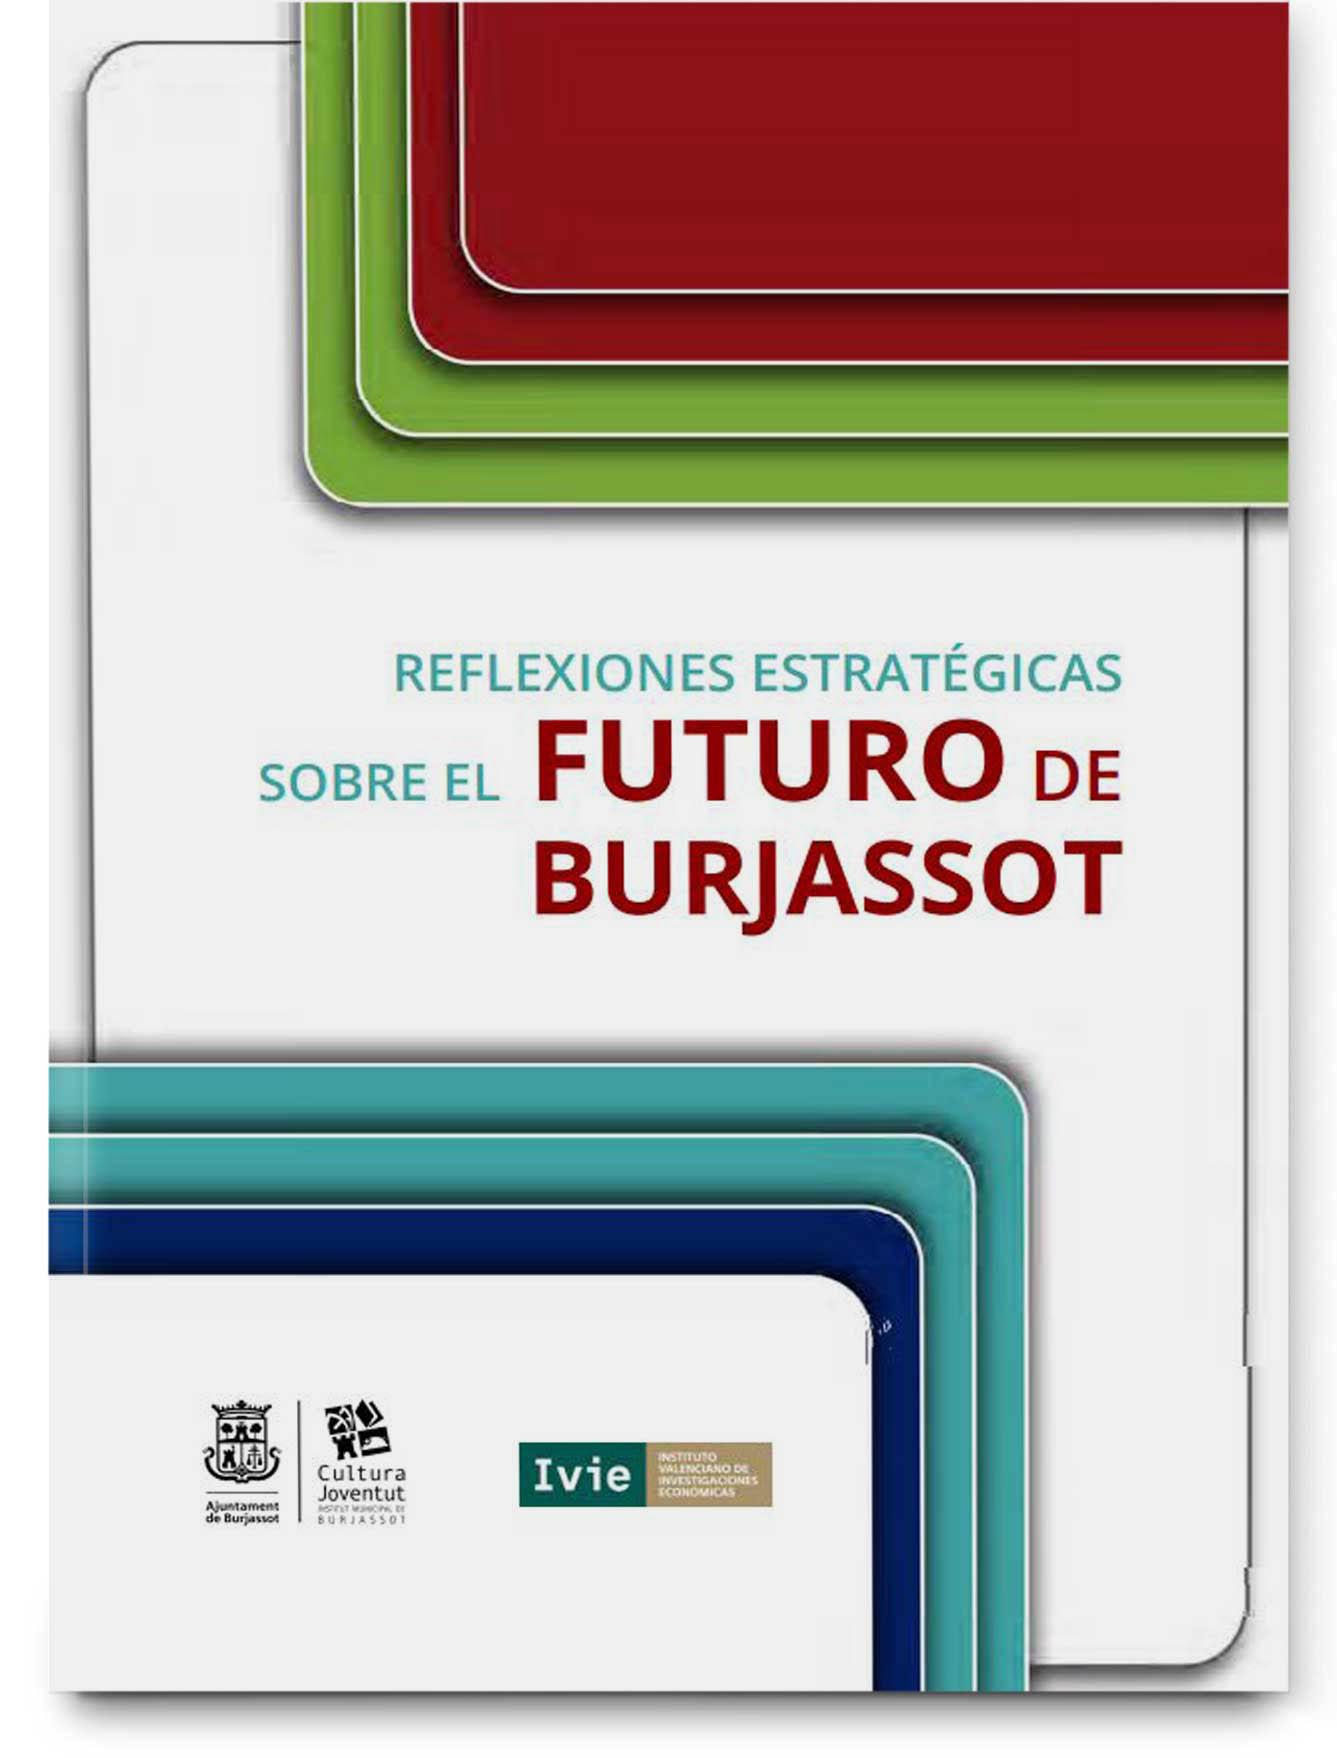 Reflexiones estratégicas sobre el futuro de Burjassot